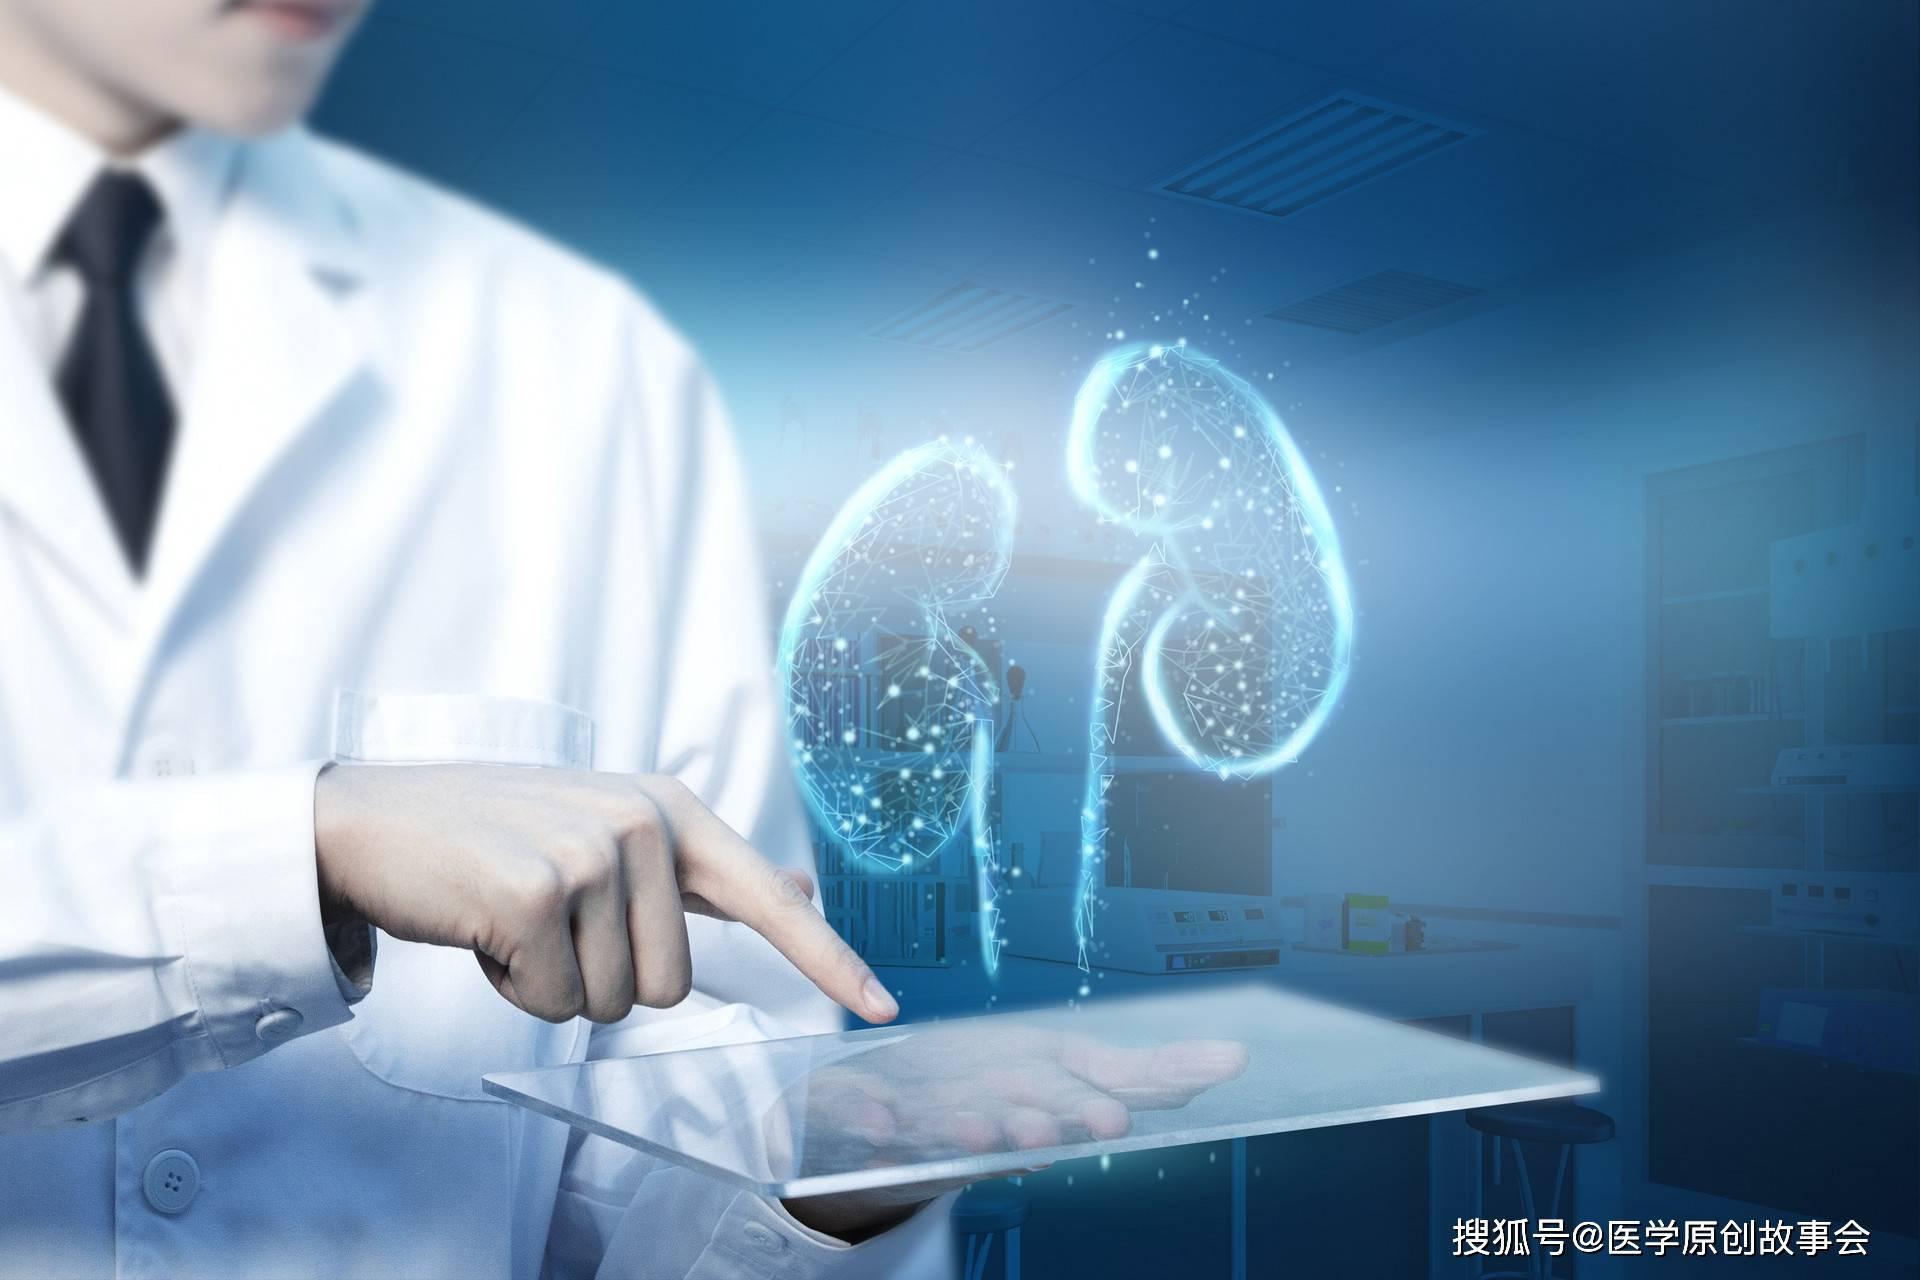 尿毒症是拖出来的,医生提醒,身体出现一肿两臭,尽早去医院体检